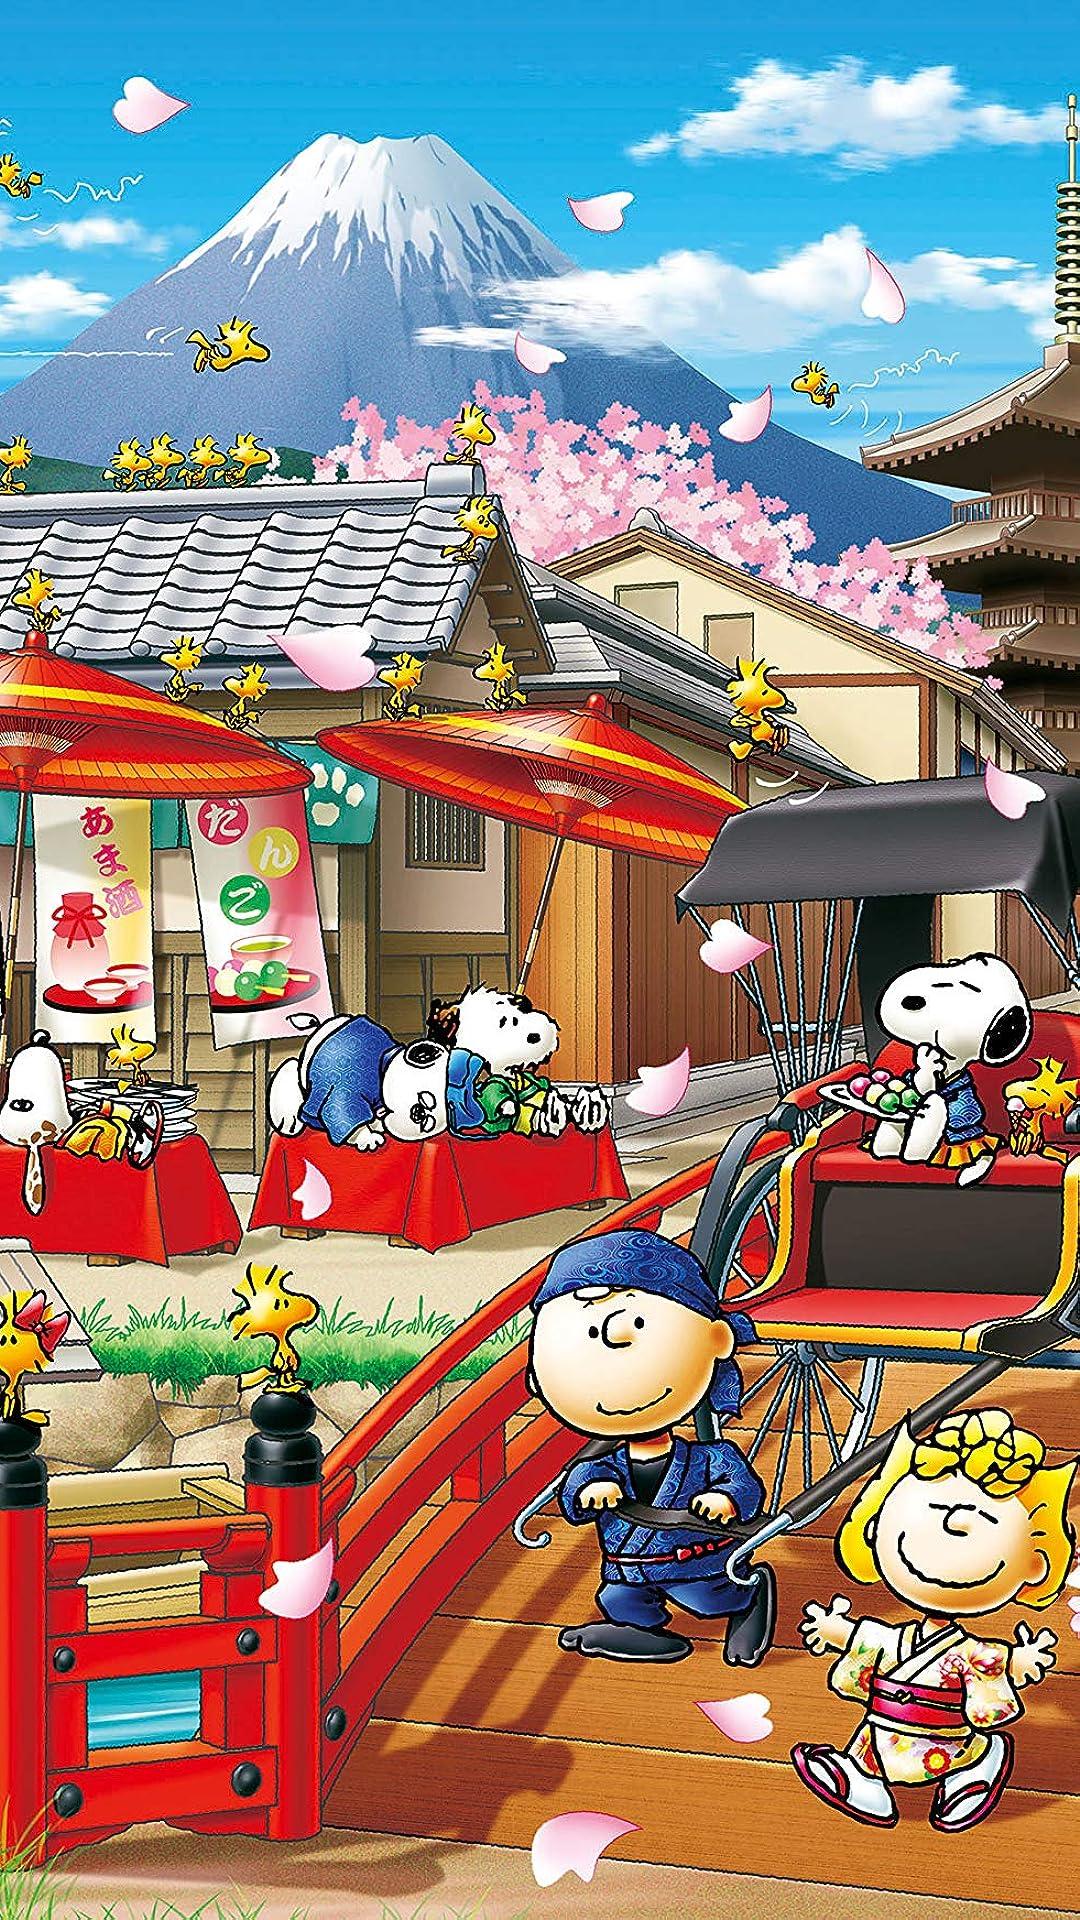 スヌーピー フルhd 1080 19 スマホ壁紙 待受 スヌーピー イン ジャパン アニメ スマホ用画像